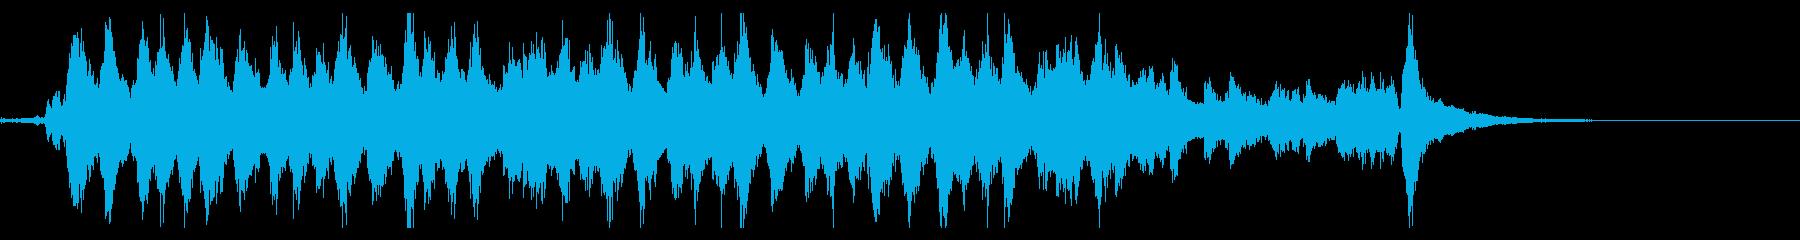 何かを成し遂げたような雰囲気のBGMの再生済みの波形